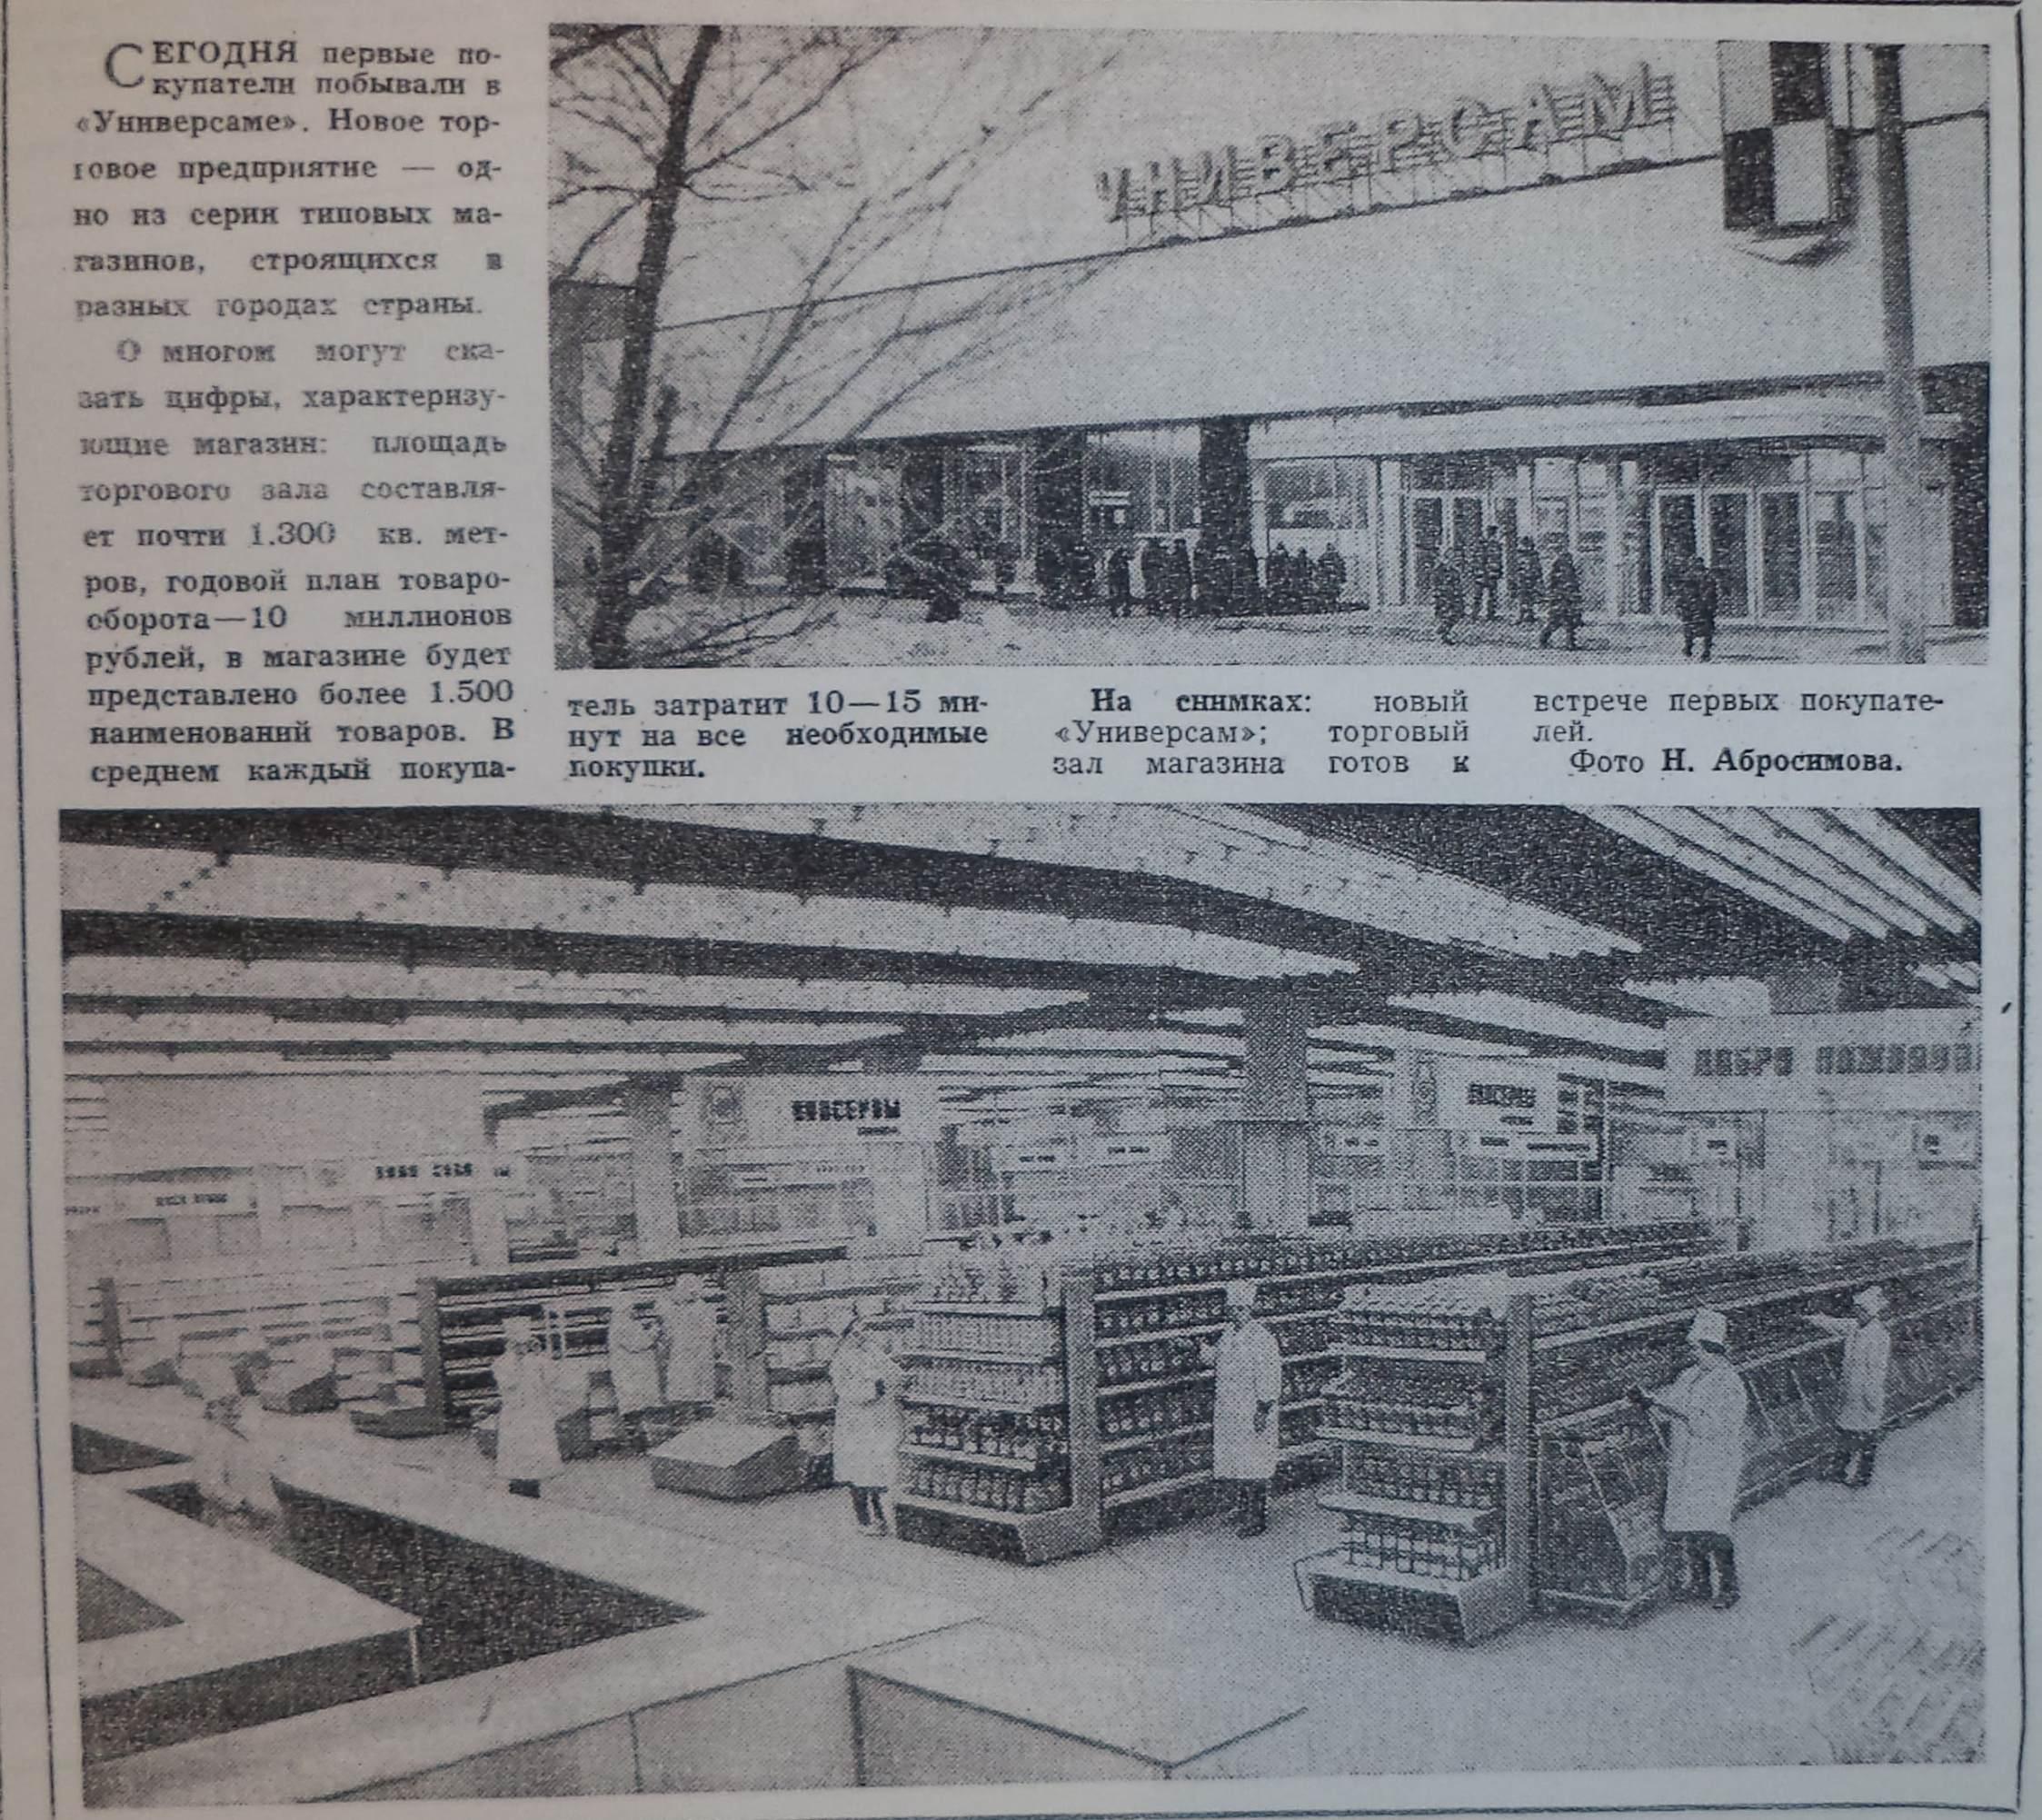 Революционная-ФОТО-69-ВЗя-1973-01-19-открытие Универсама на Револ